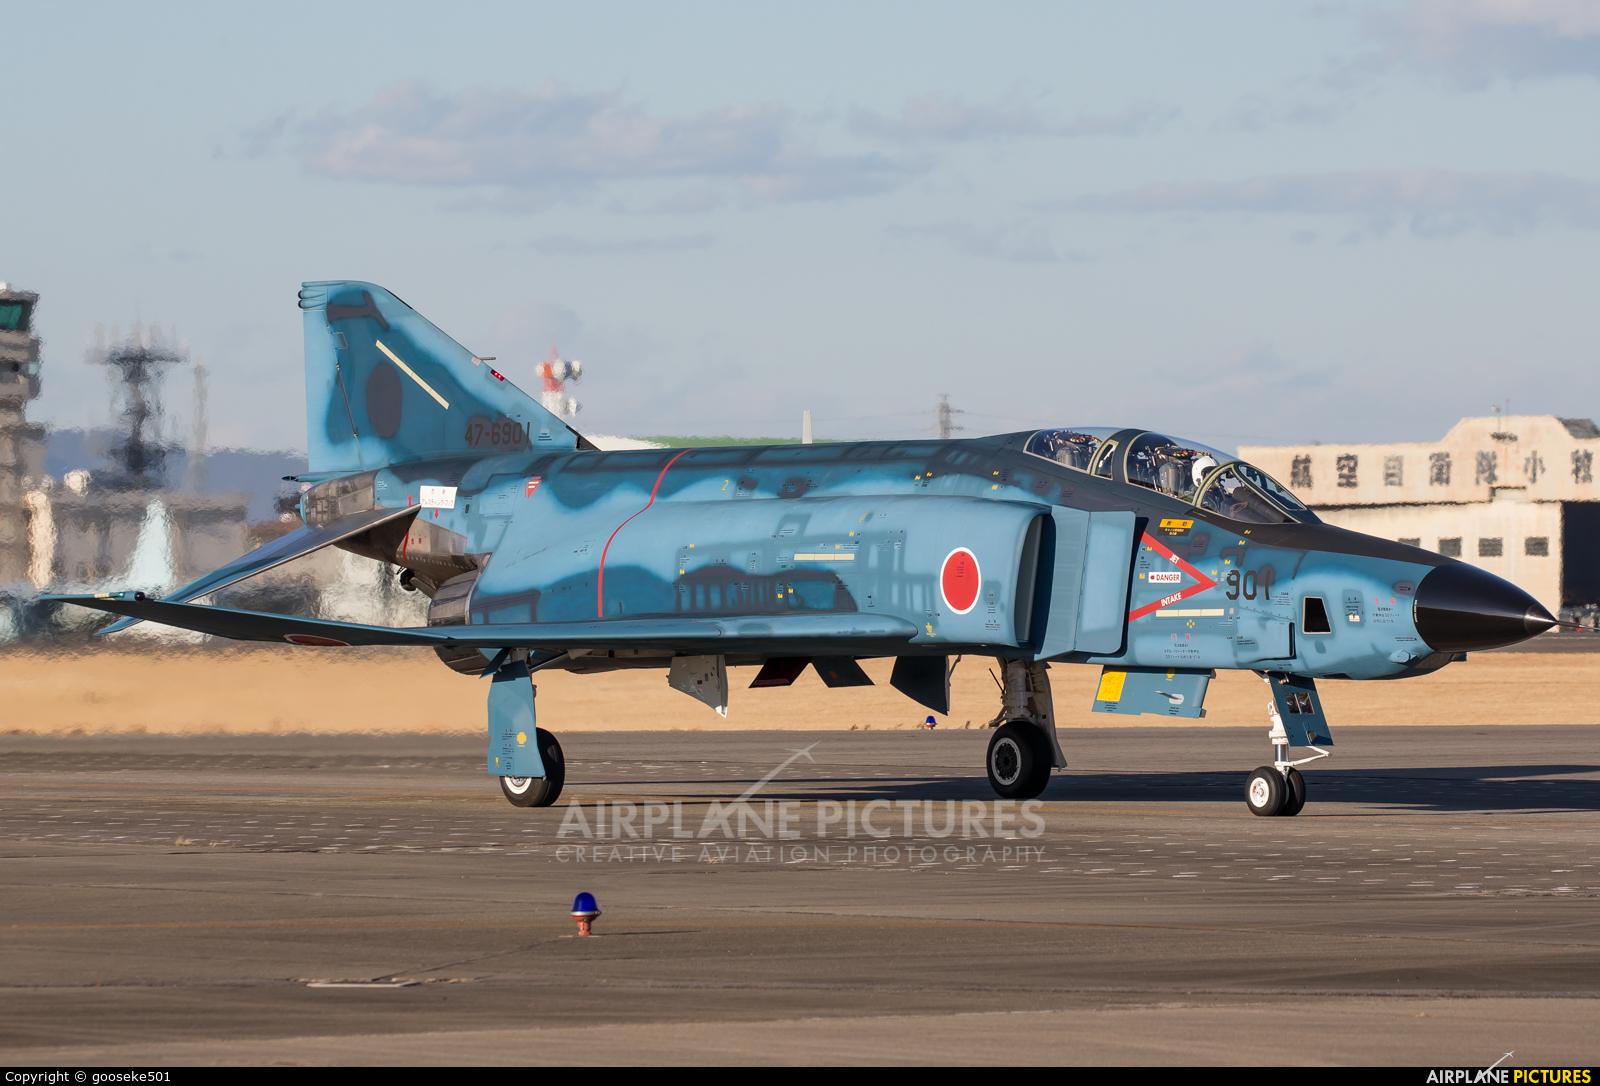 Japan - Air Self Defence Force 47-6901 aircraft at Nagoya - Komaki AB